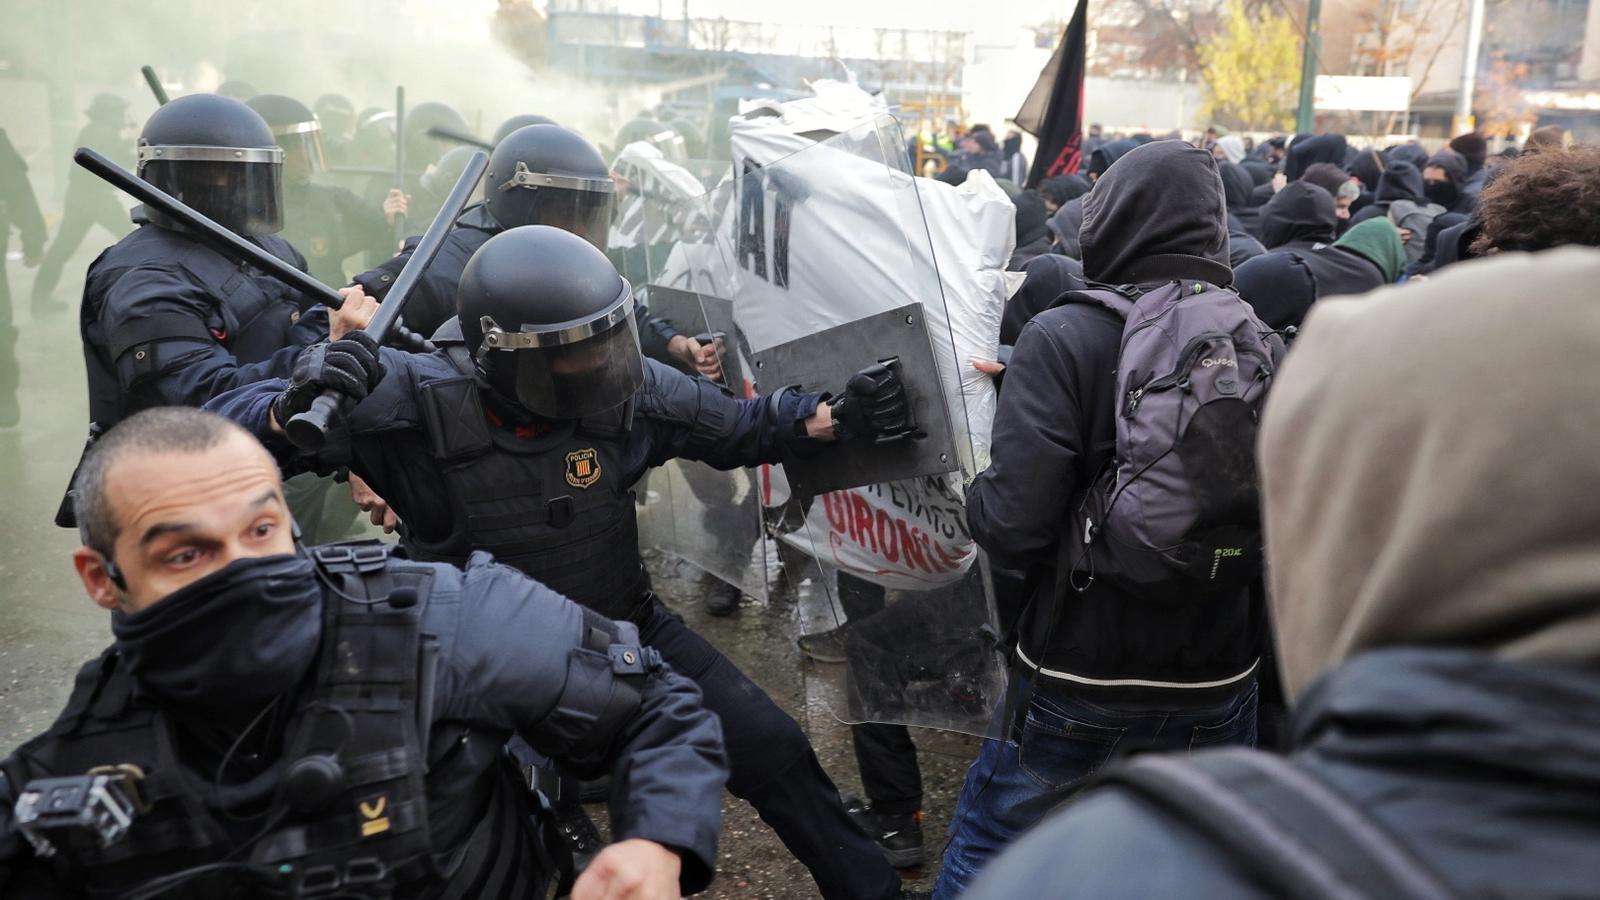 Càrregues policials a Girona contra els manifestants antifeixistes que intentaven aturar un acte de Vox i Borbonia